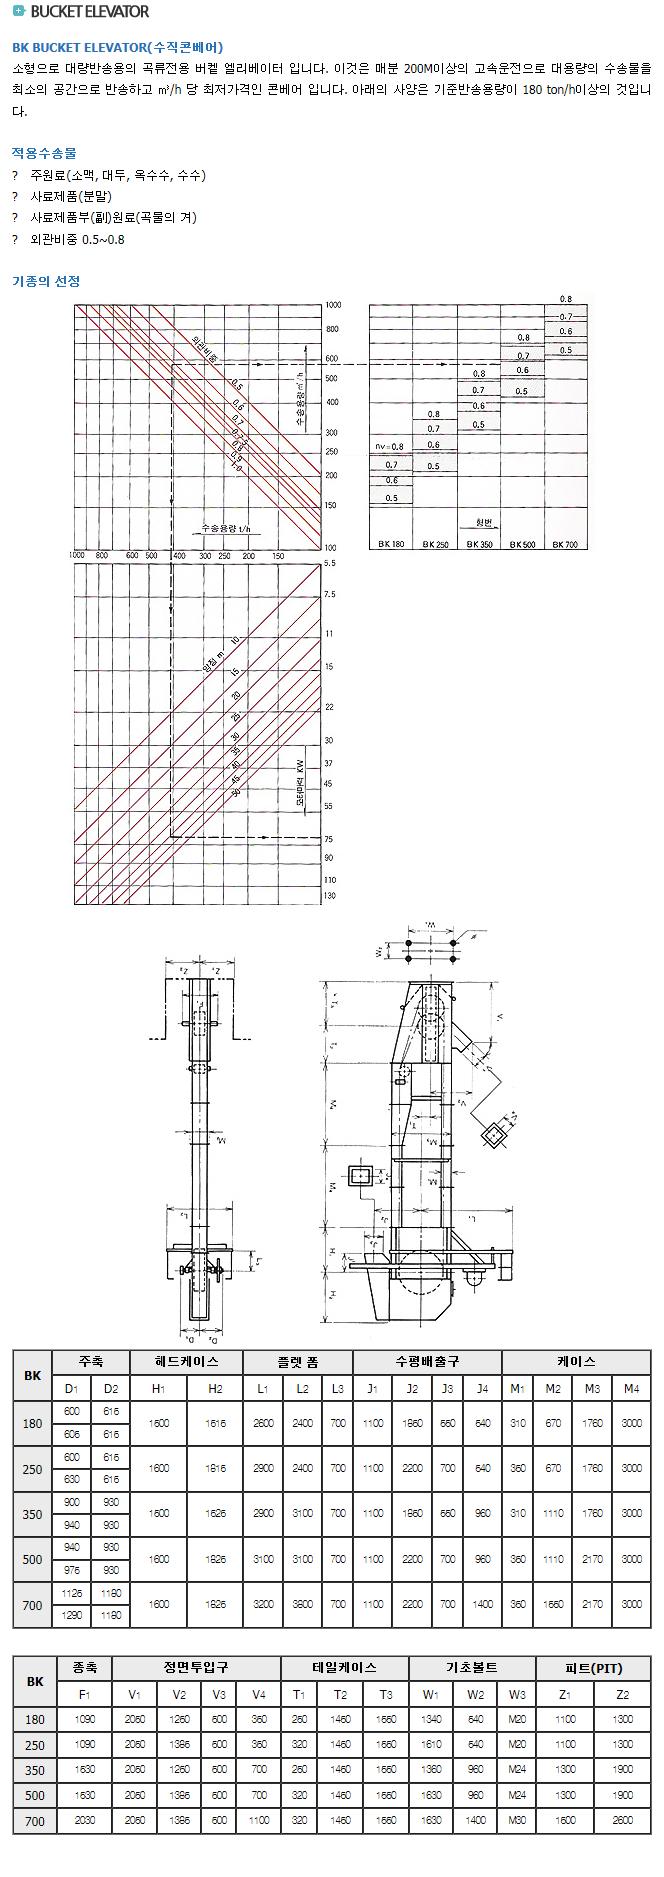 대성제이테크 Bucket Elevator C/V  2